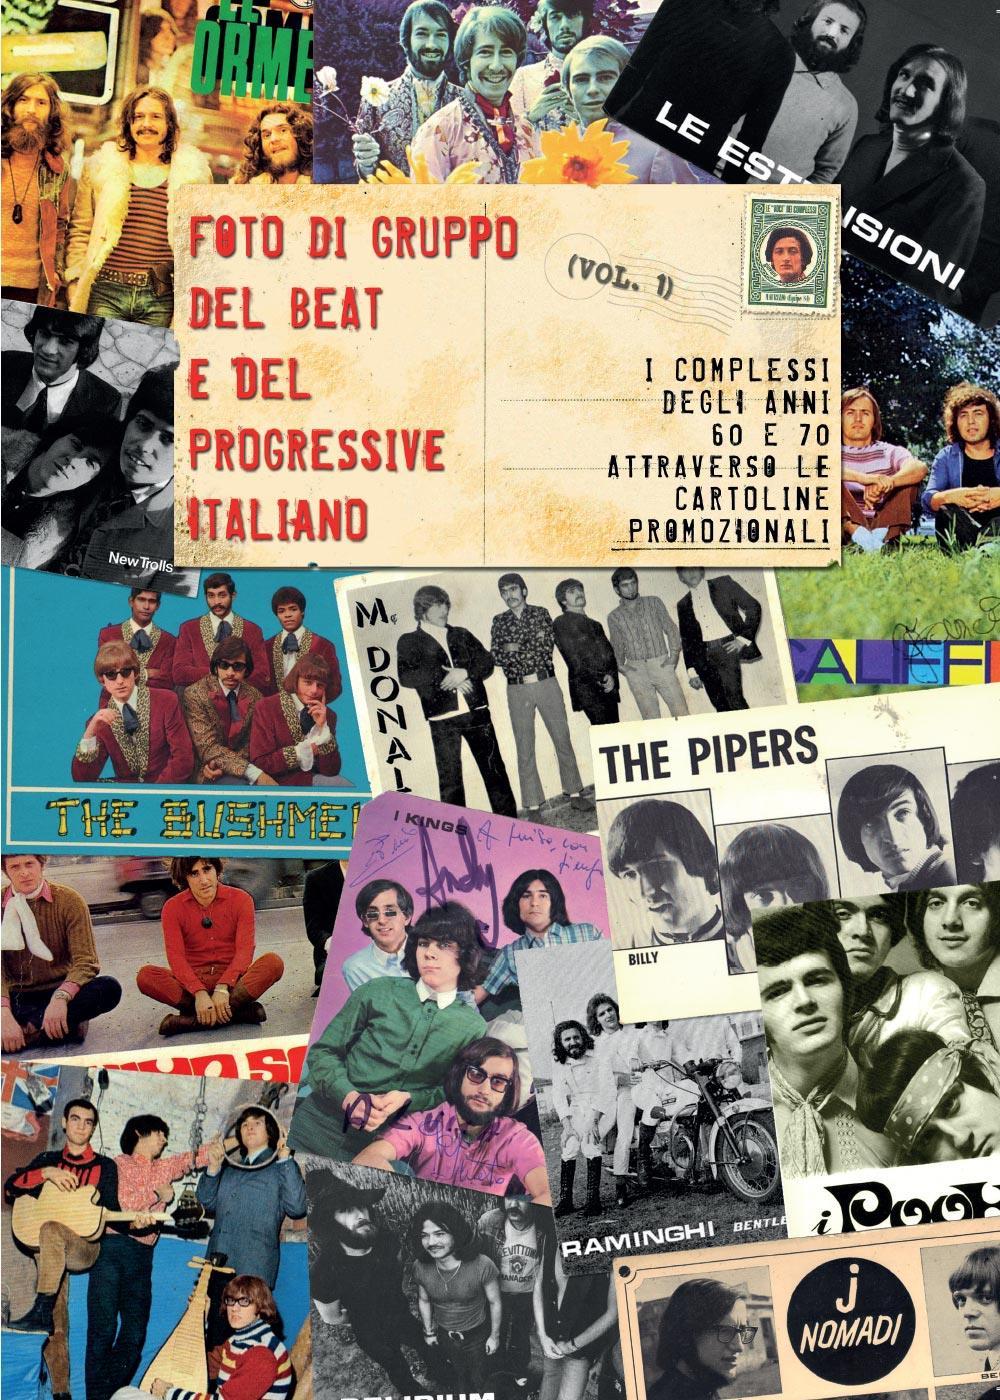 Foto di gruppo del beat e del progressive italiano (Vol.1). I complessi anni 60 e 70 attraverso le cartoline promozionali